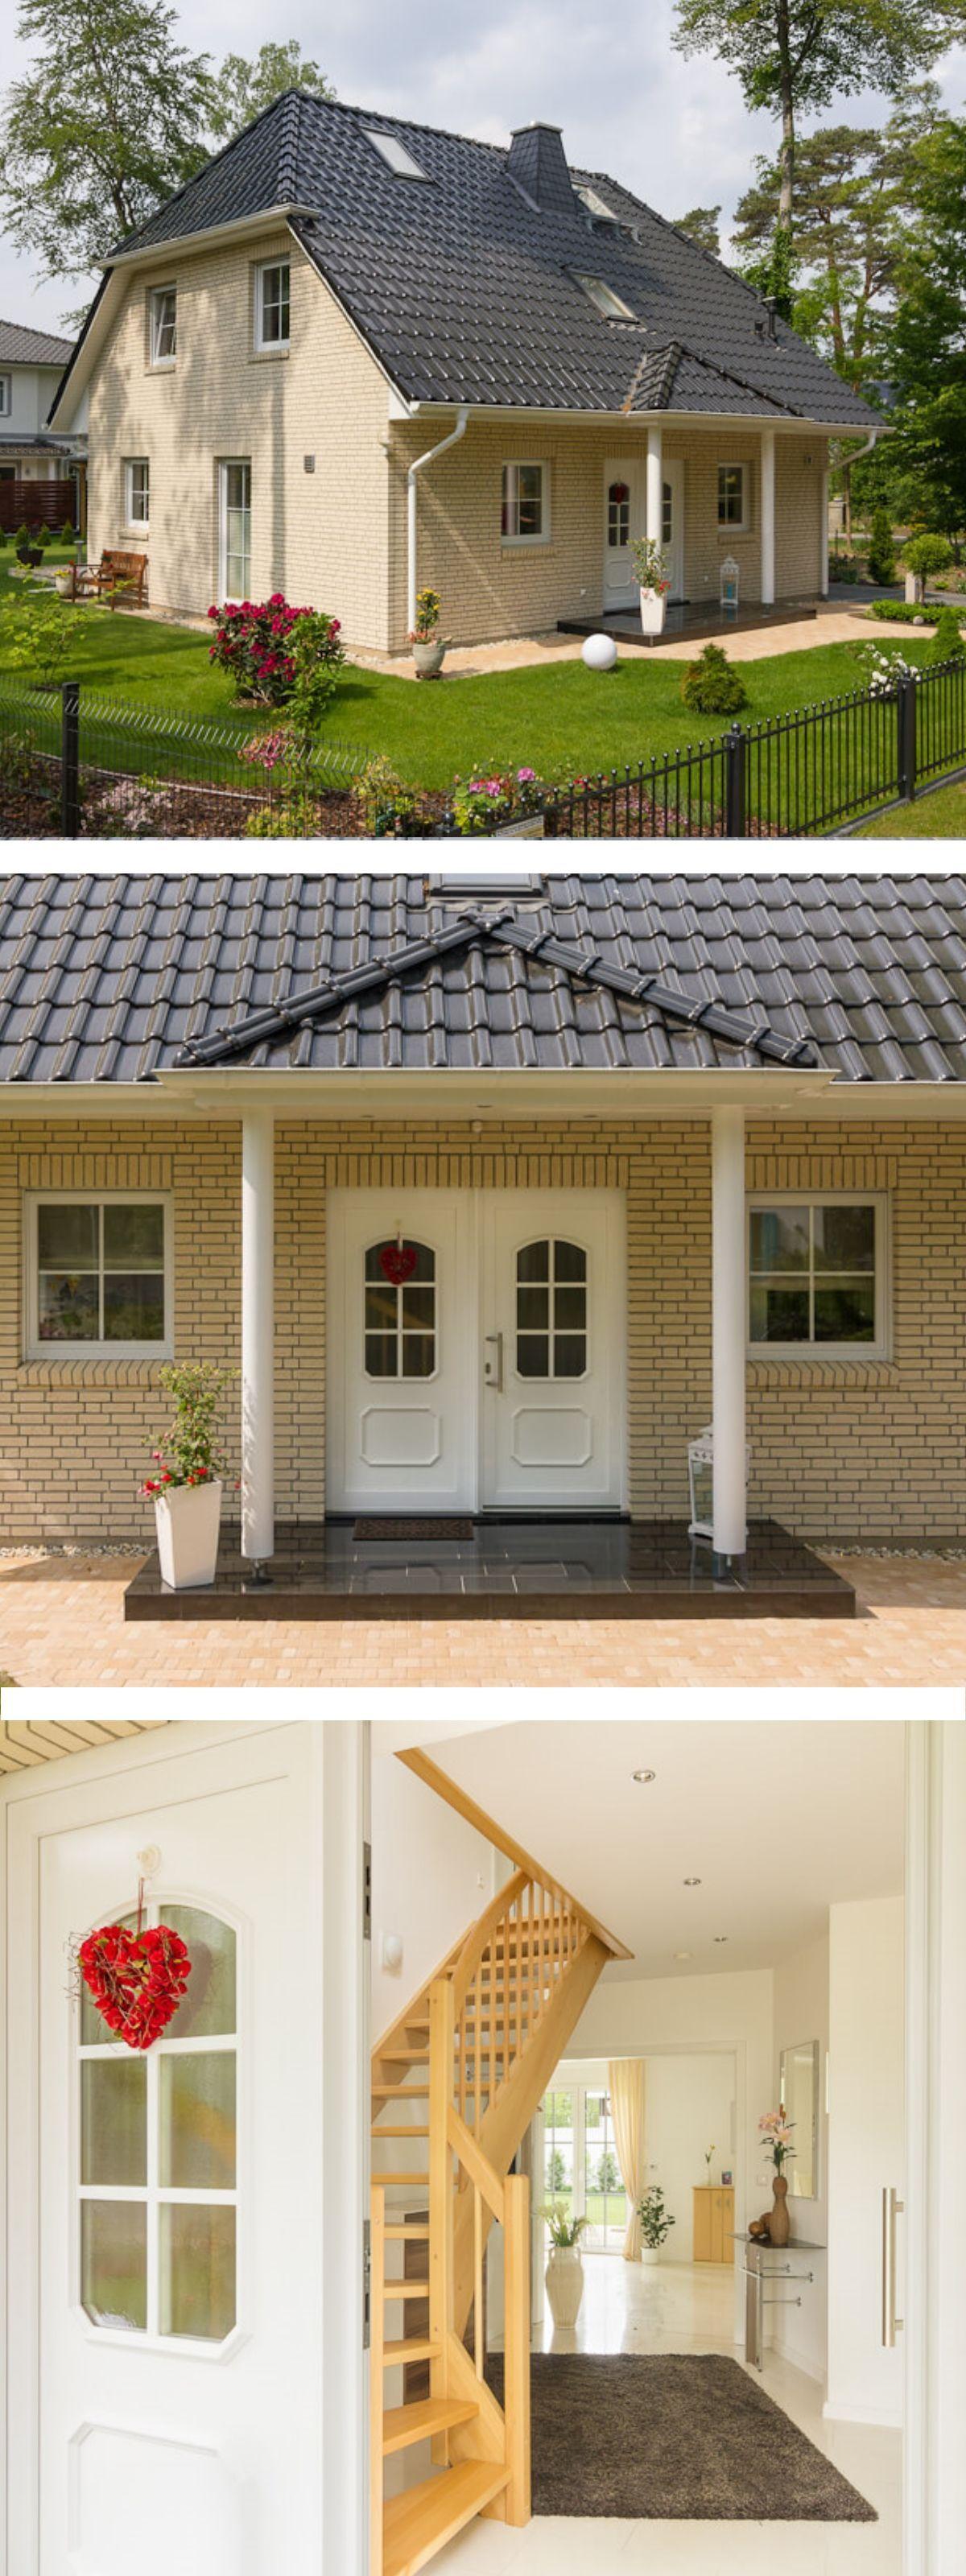 Unglaublich Hauseingang überdacht Galerie Von Im Stil Mit Klinker Fassade, Krüppelwalmdach &